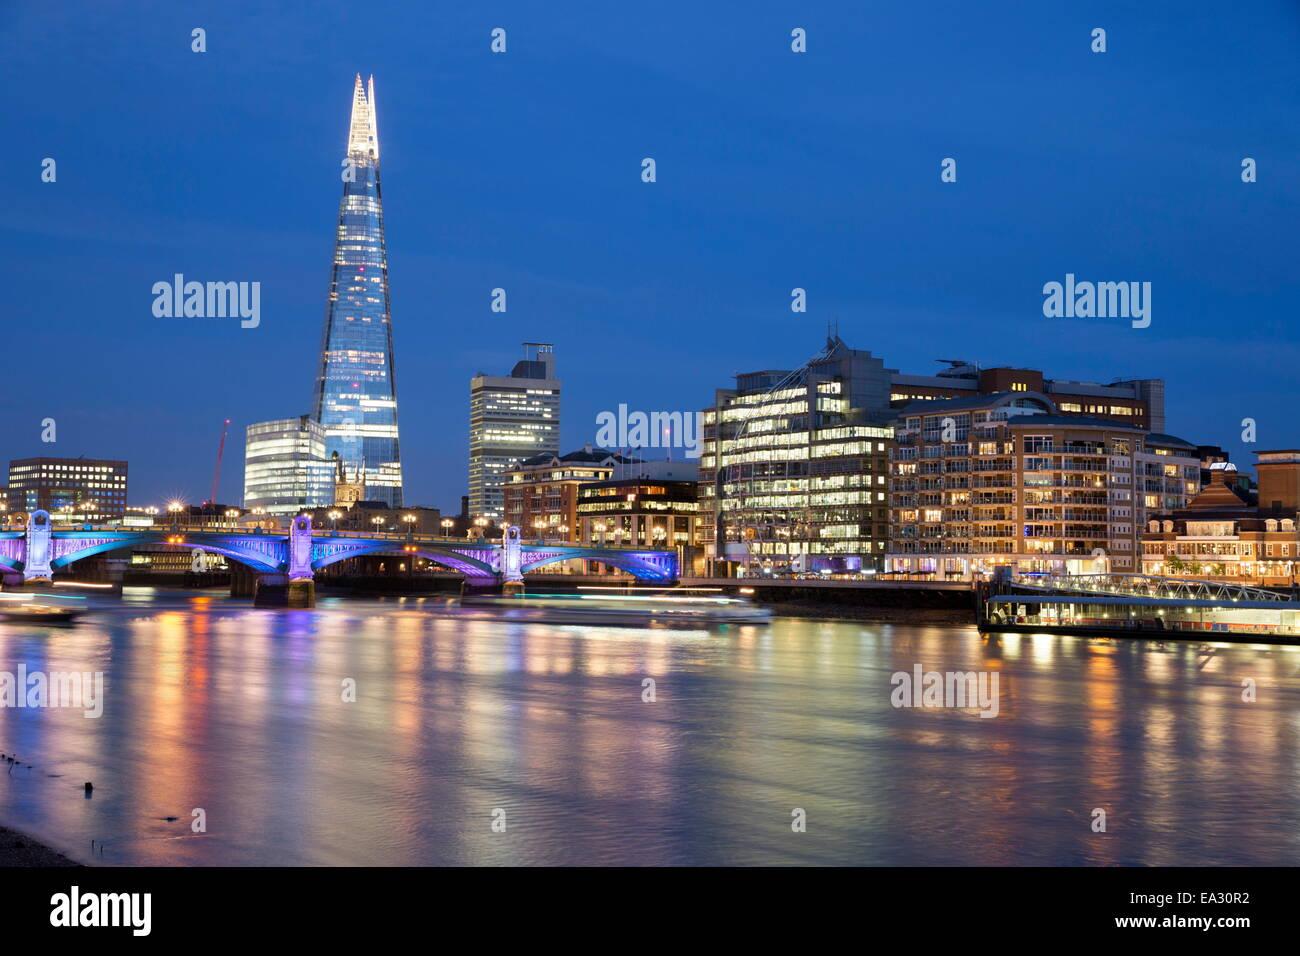 Blick über den Fluss Themse mit dem Shard, London, England, Vereinigtes Königreich, Europa Stockbild